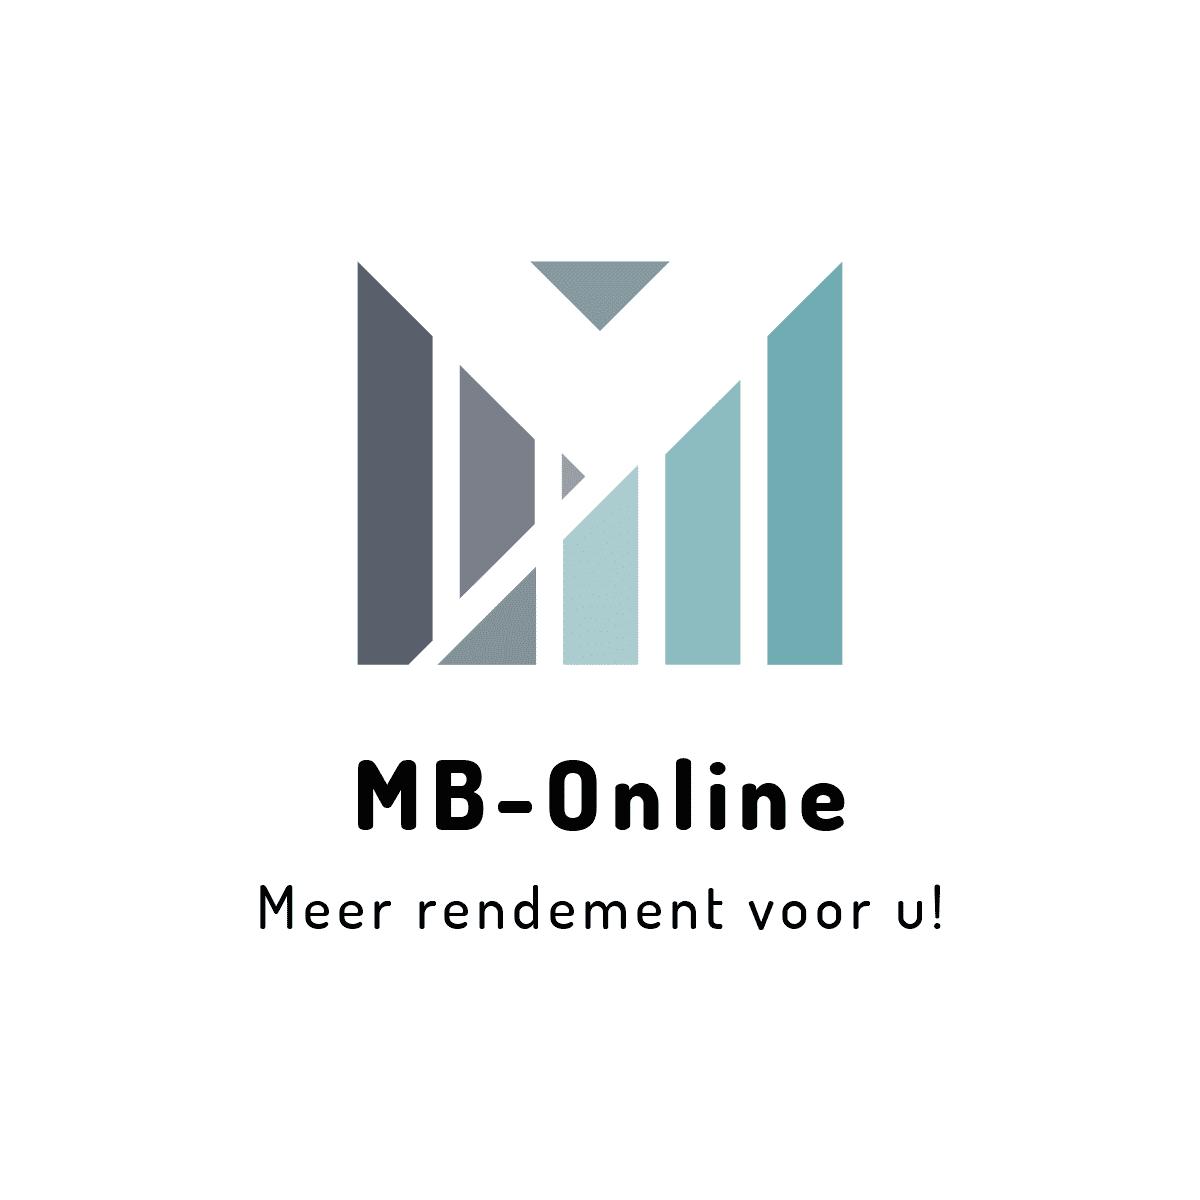 MB-Online